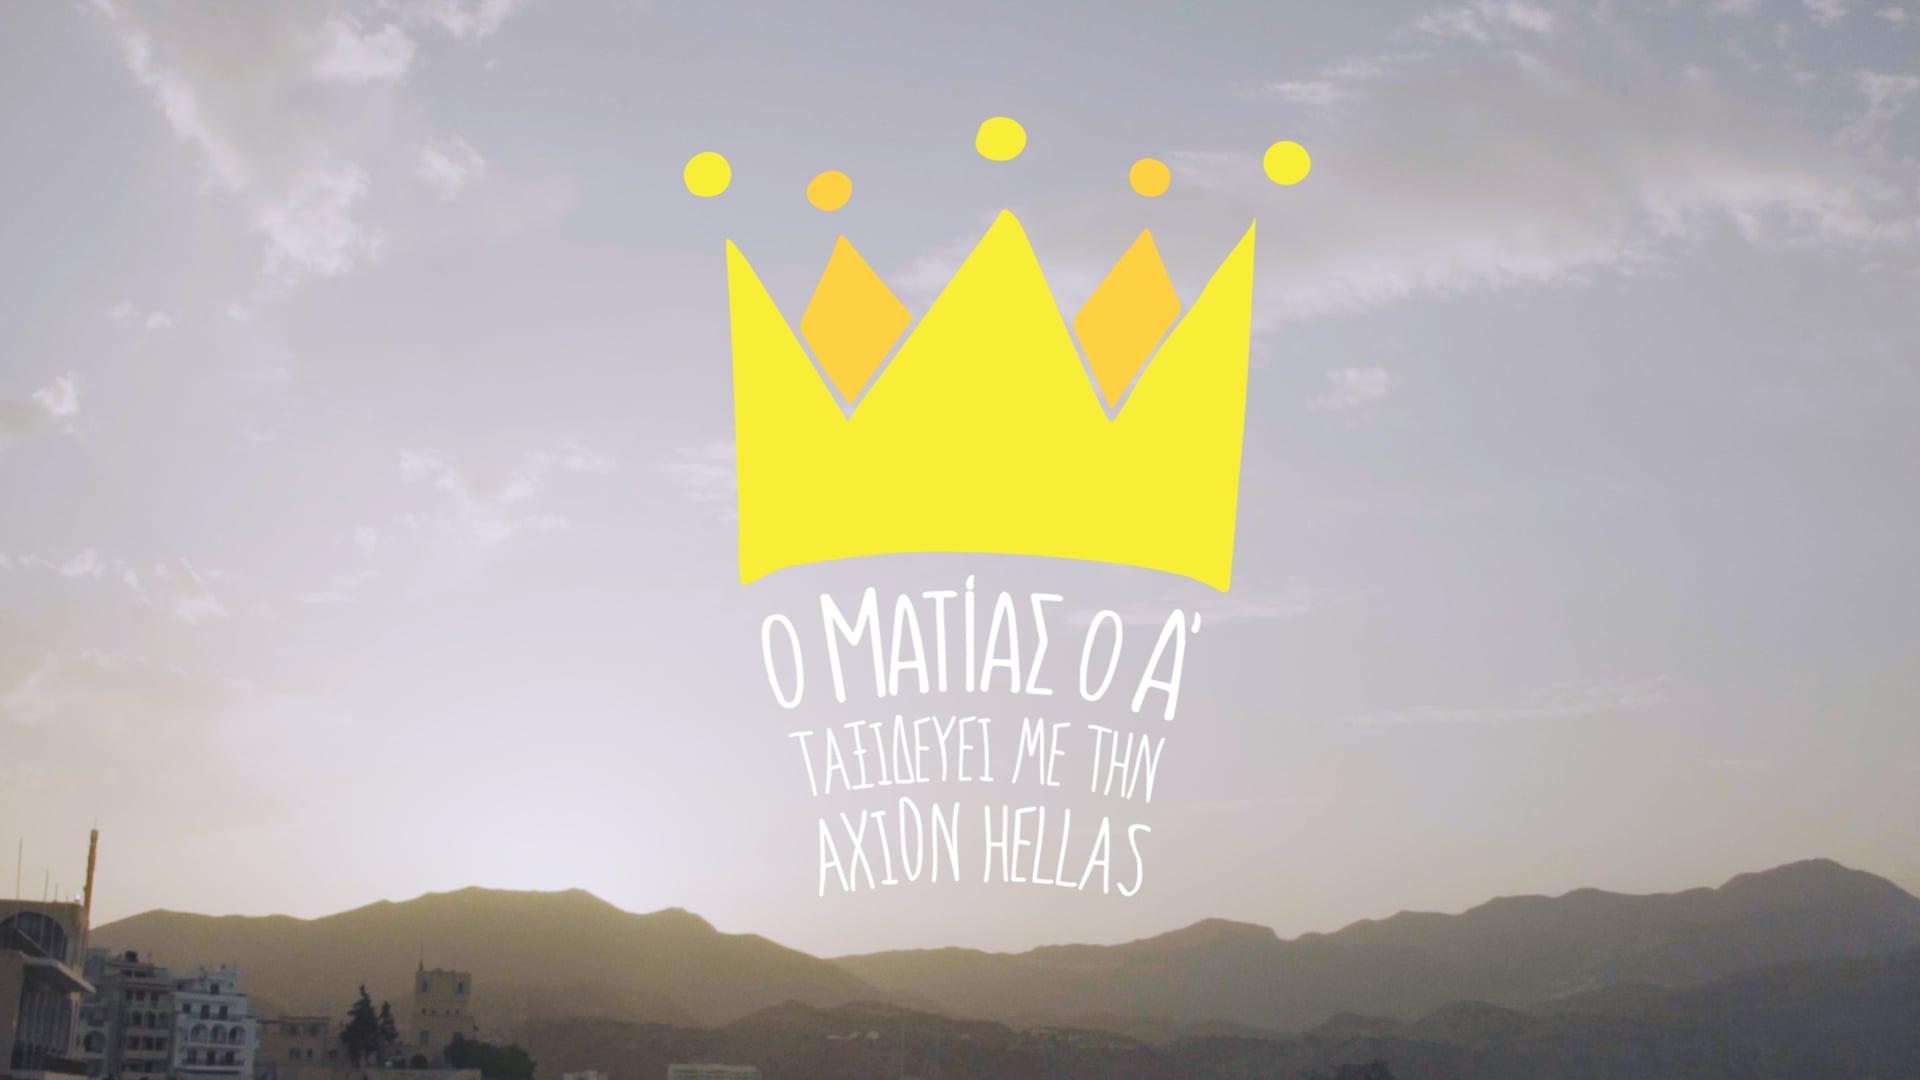 Matias Travels with Axion Hellas